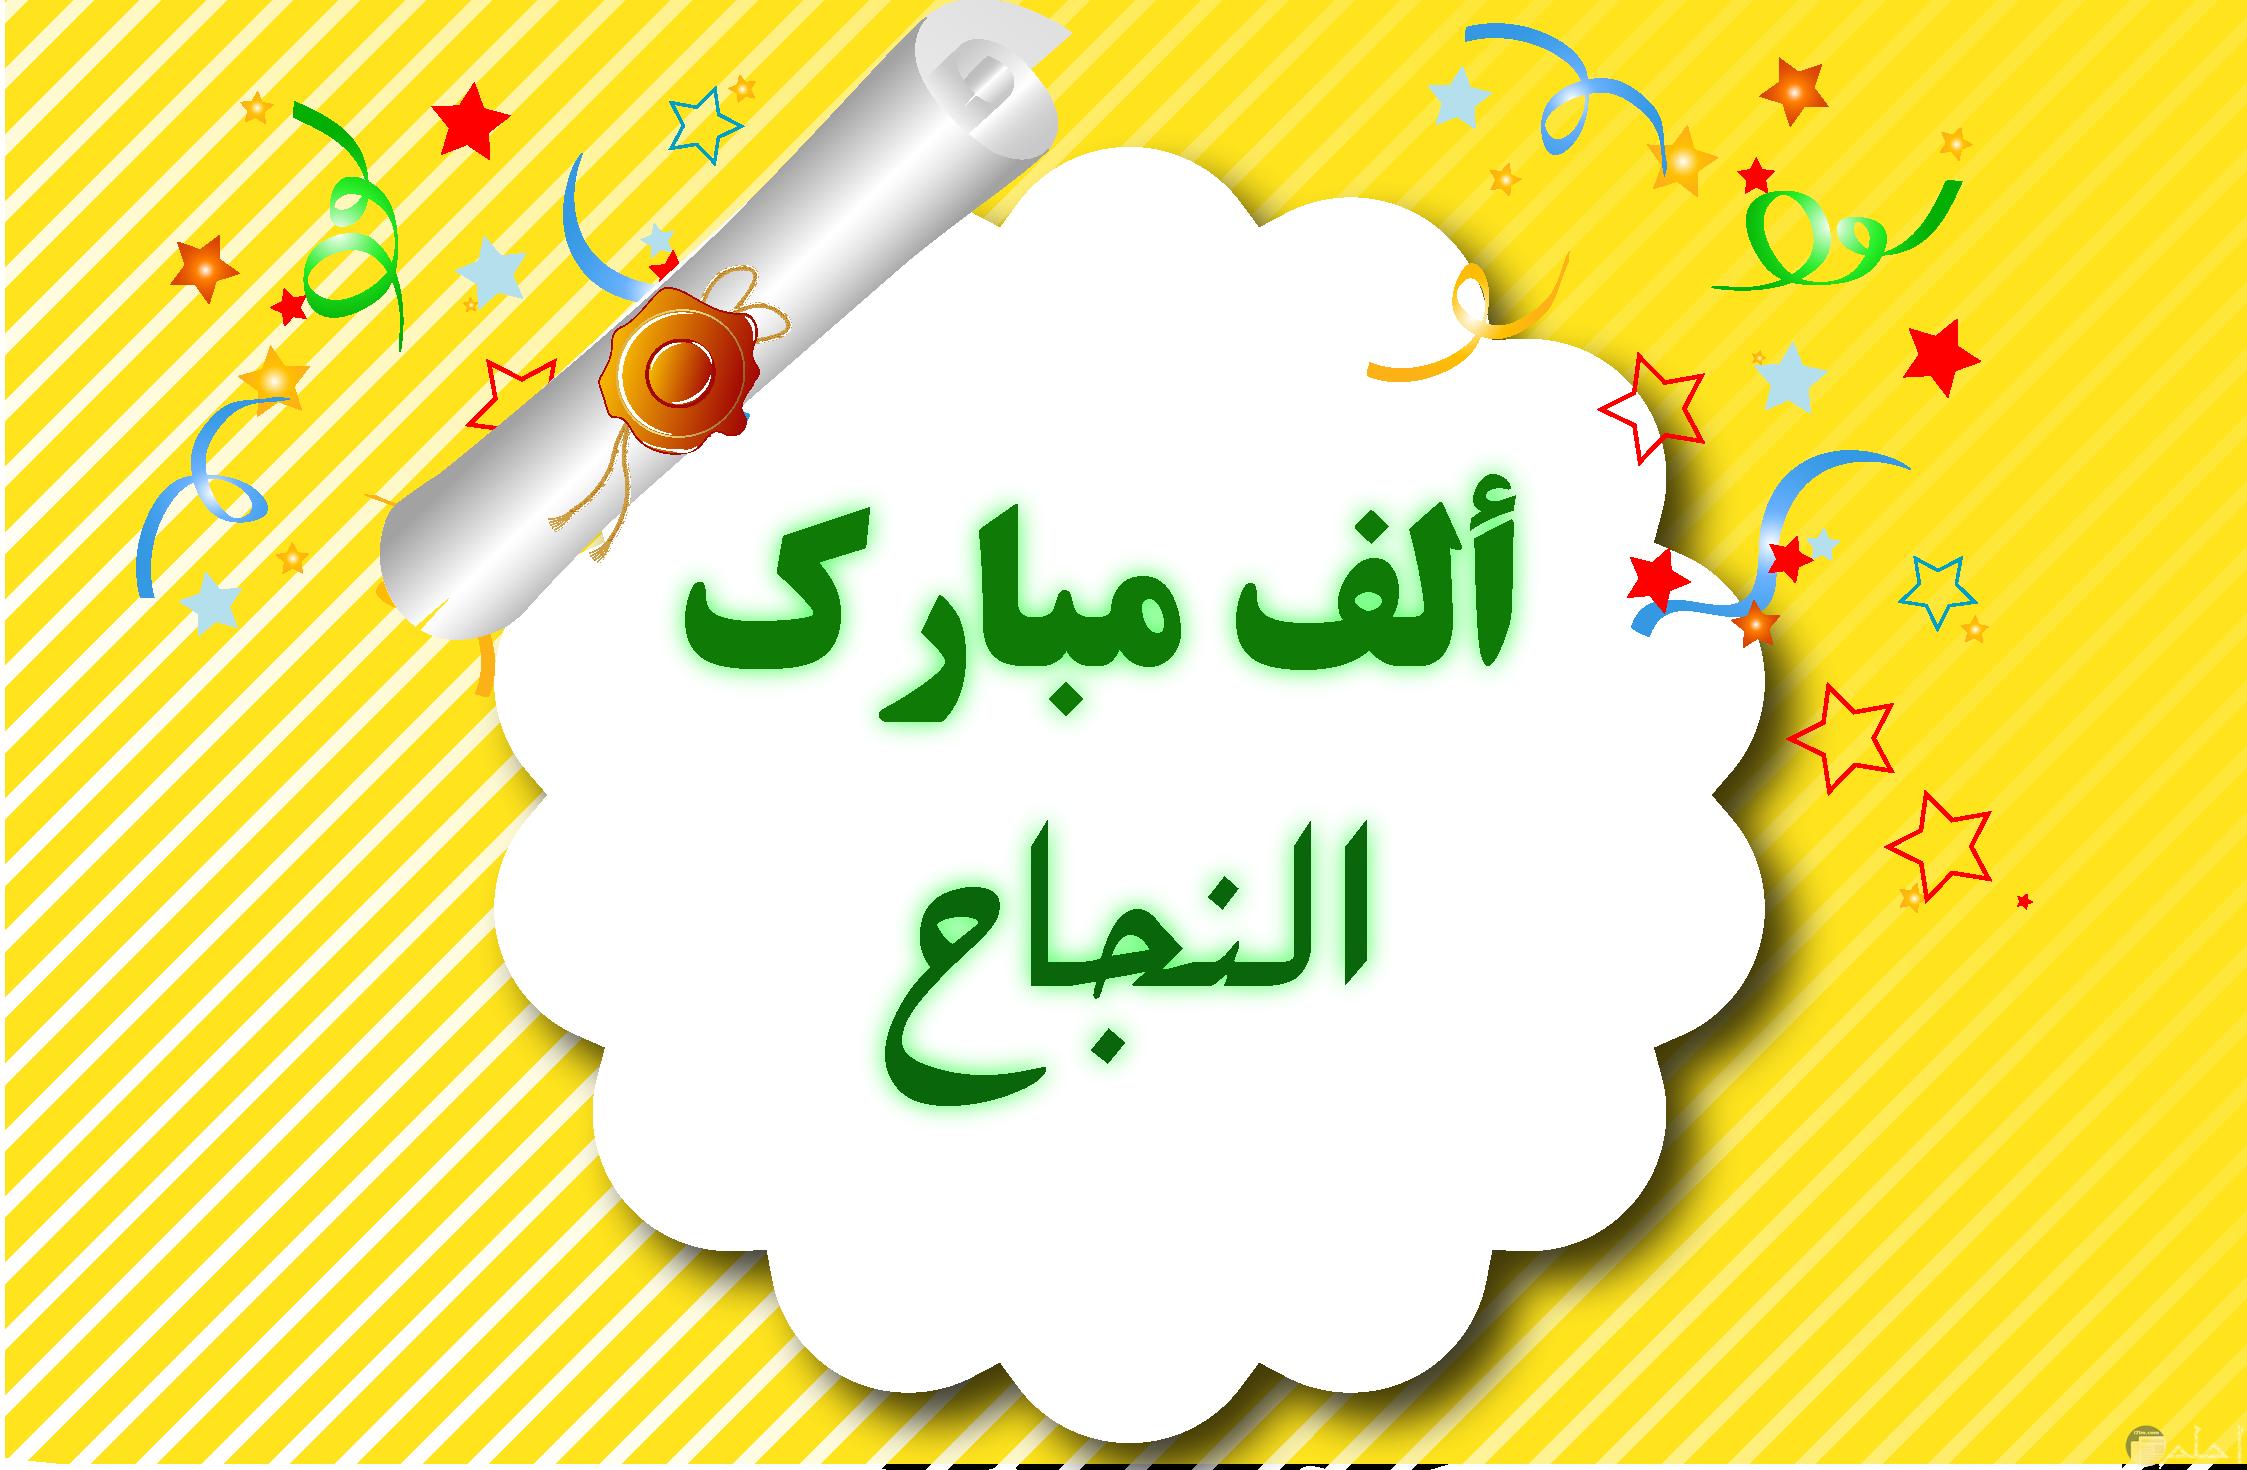 صورة مكتوب عليها ألف مبارك النجاح مع خلفية صفراء جميلة